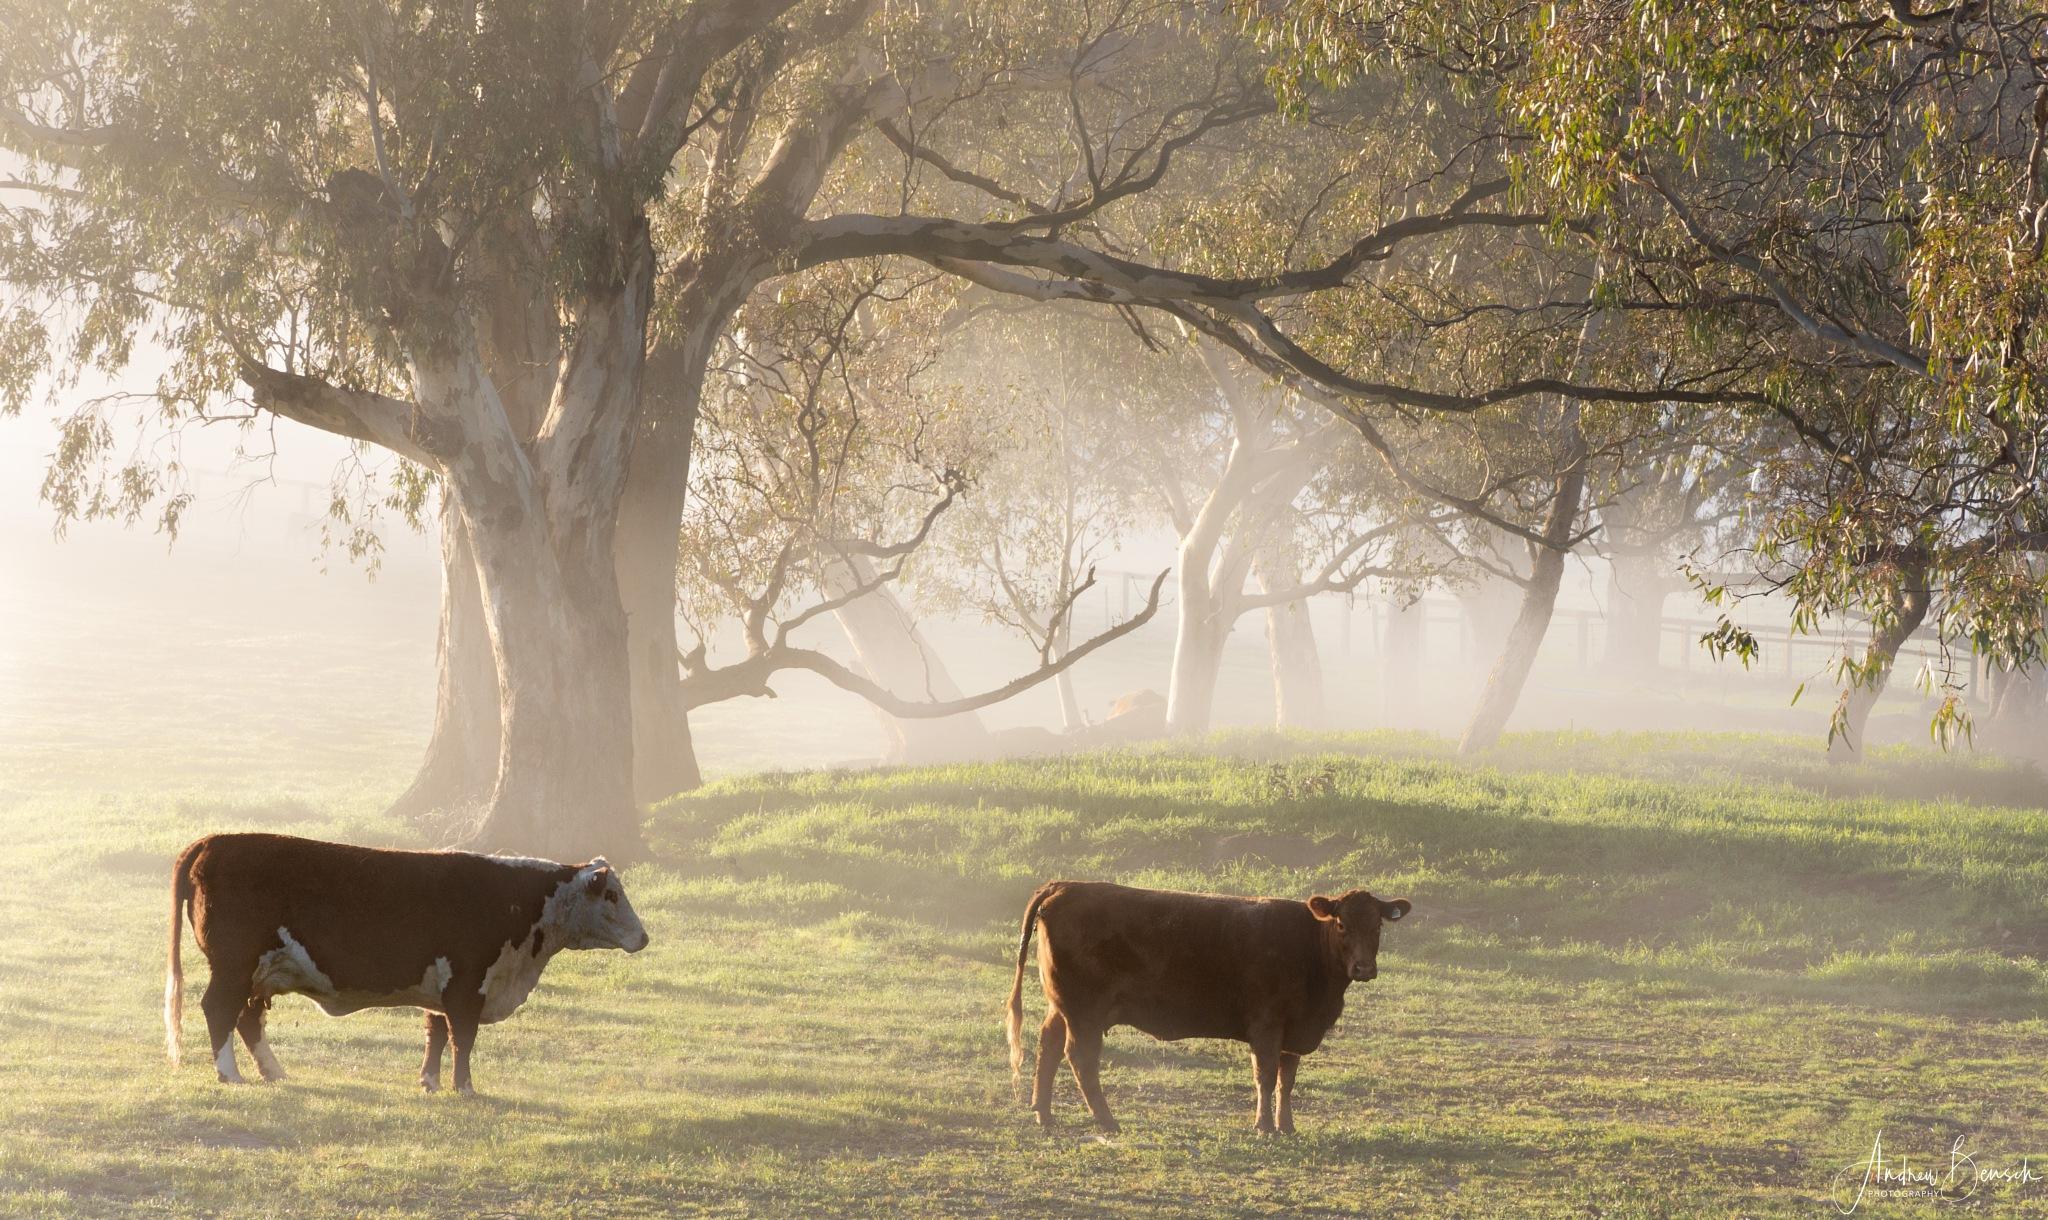 Through the mist by andrewbensch